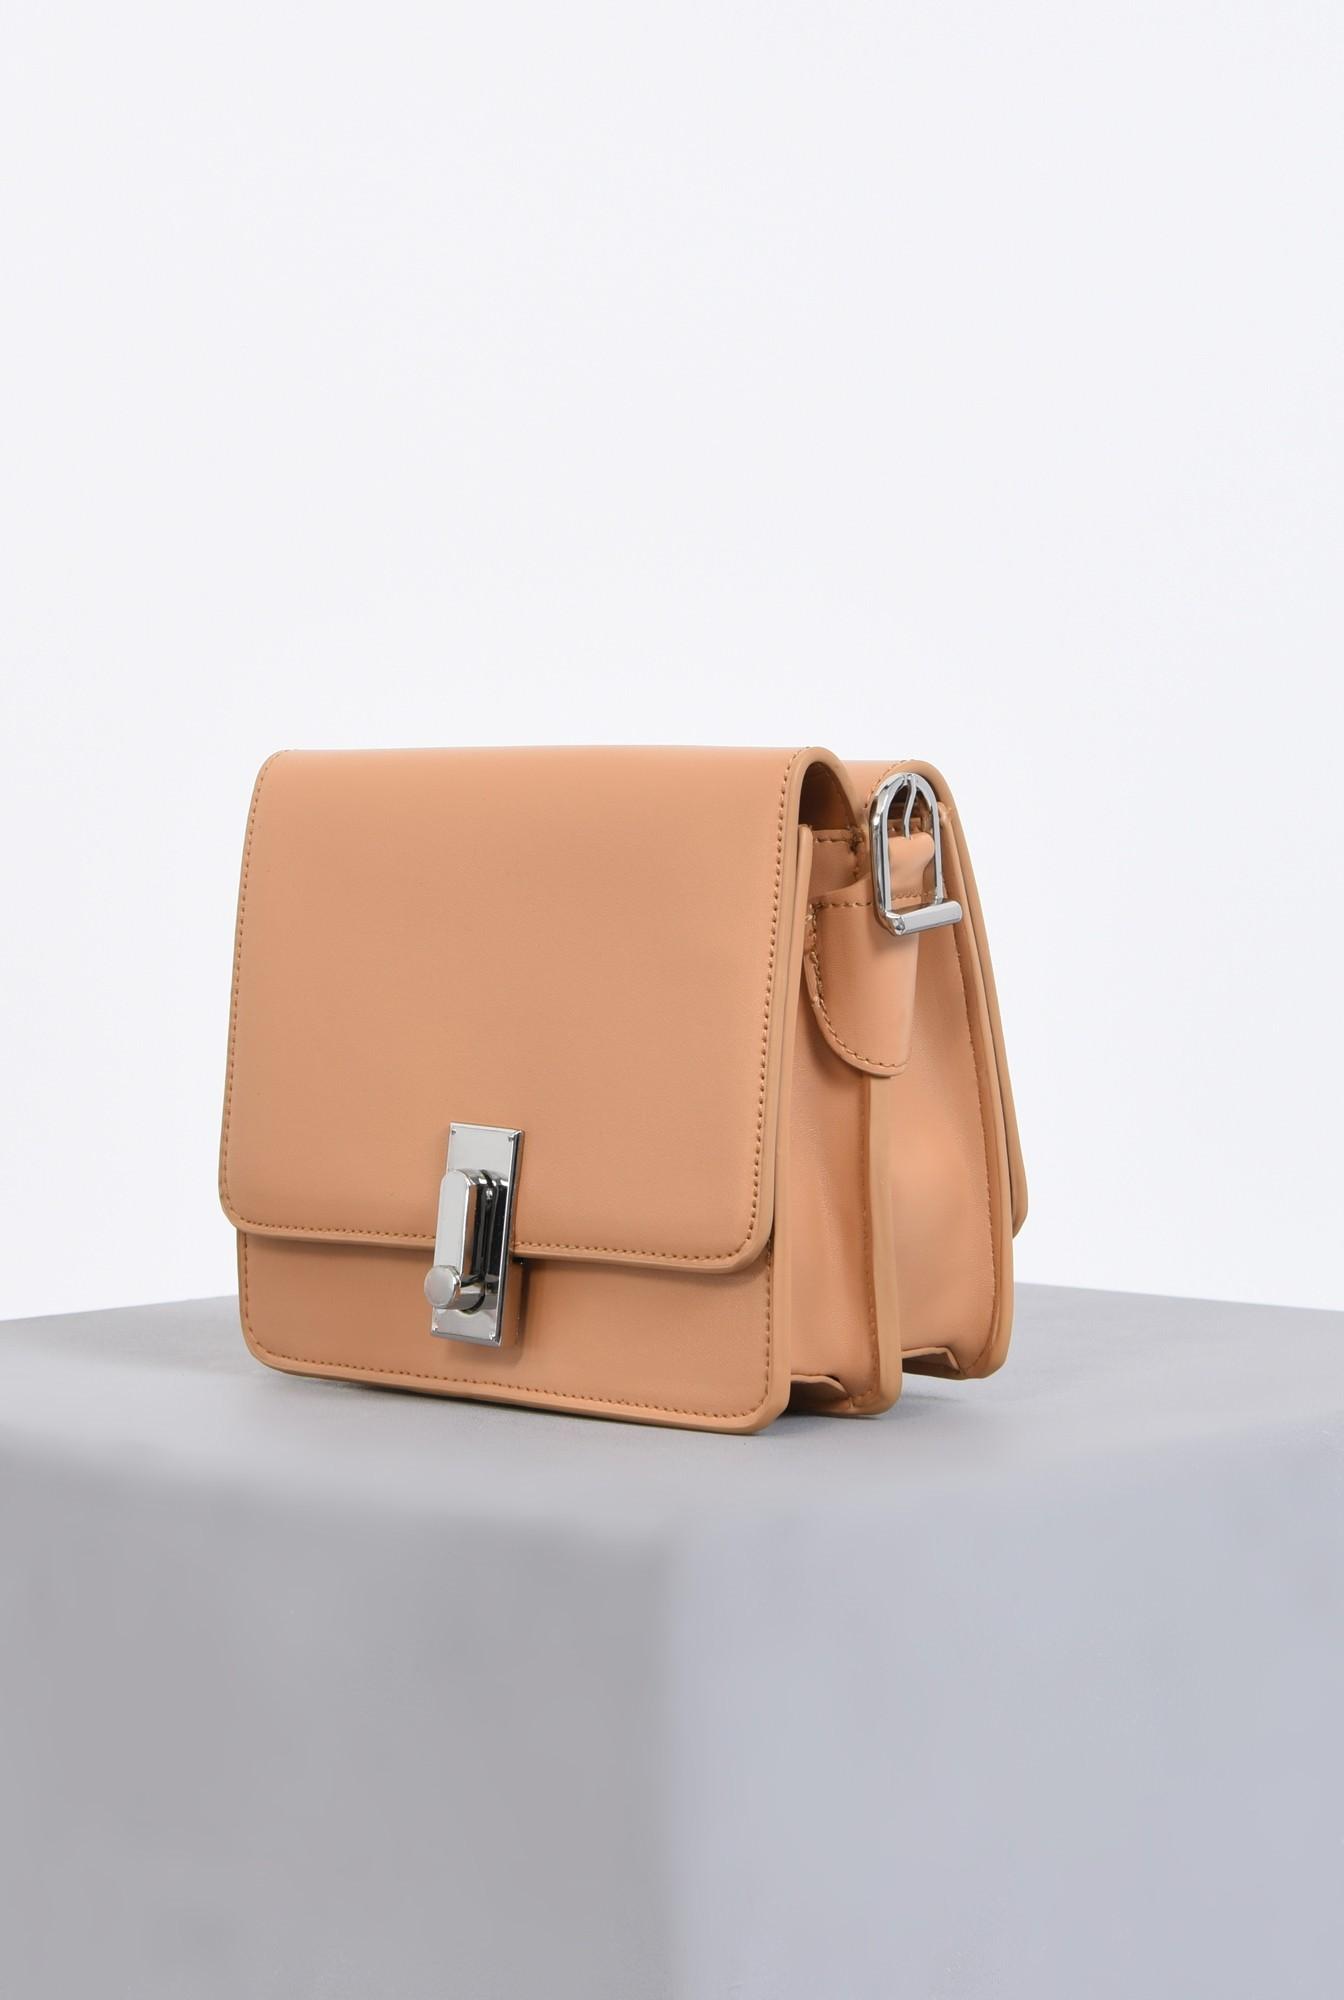 1 - geanta casual, crem, piele ecologica